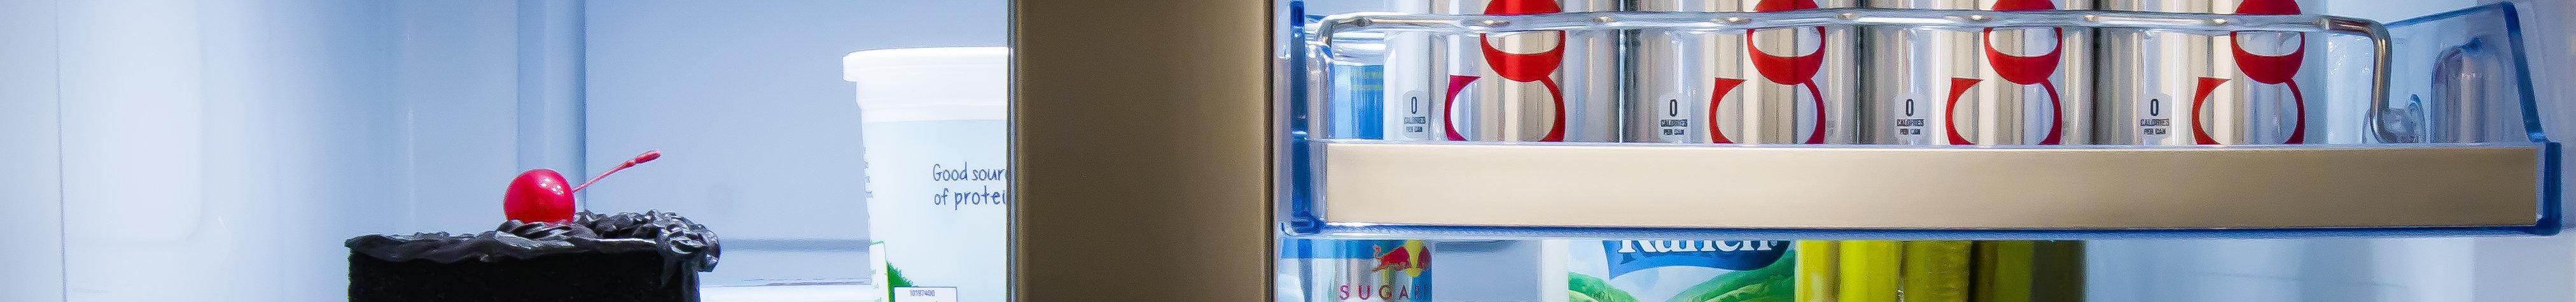 Samsung RF28HDEDBSR French Door Door-in-Door 28 Cubic Foot Refrigerator